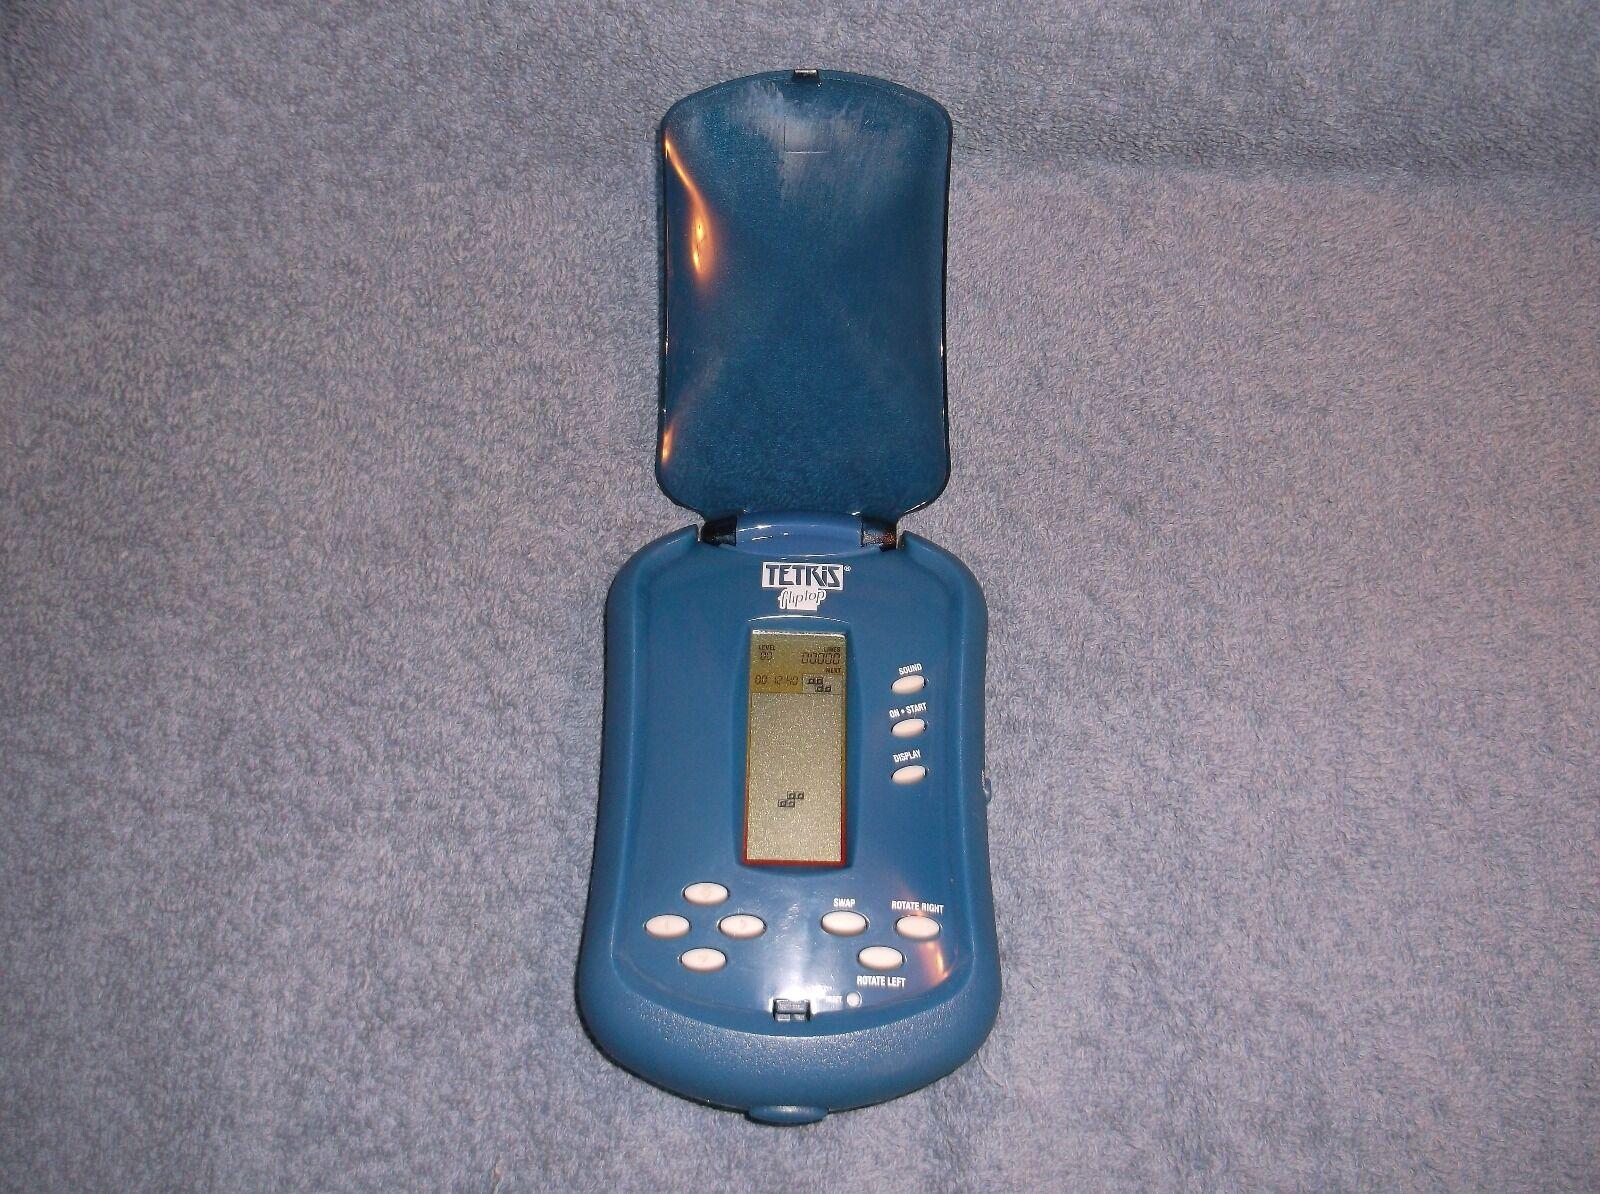 RADICA FLIPTOP LIGHTED TETRIS 2006 blueE HANDHELD ELECTRONIC GAME - NICE